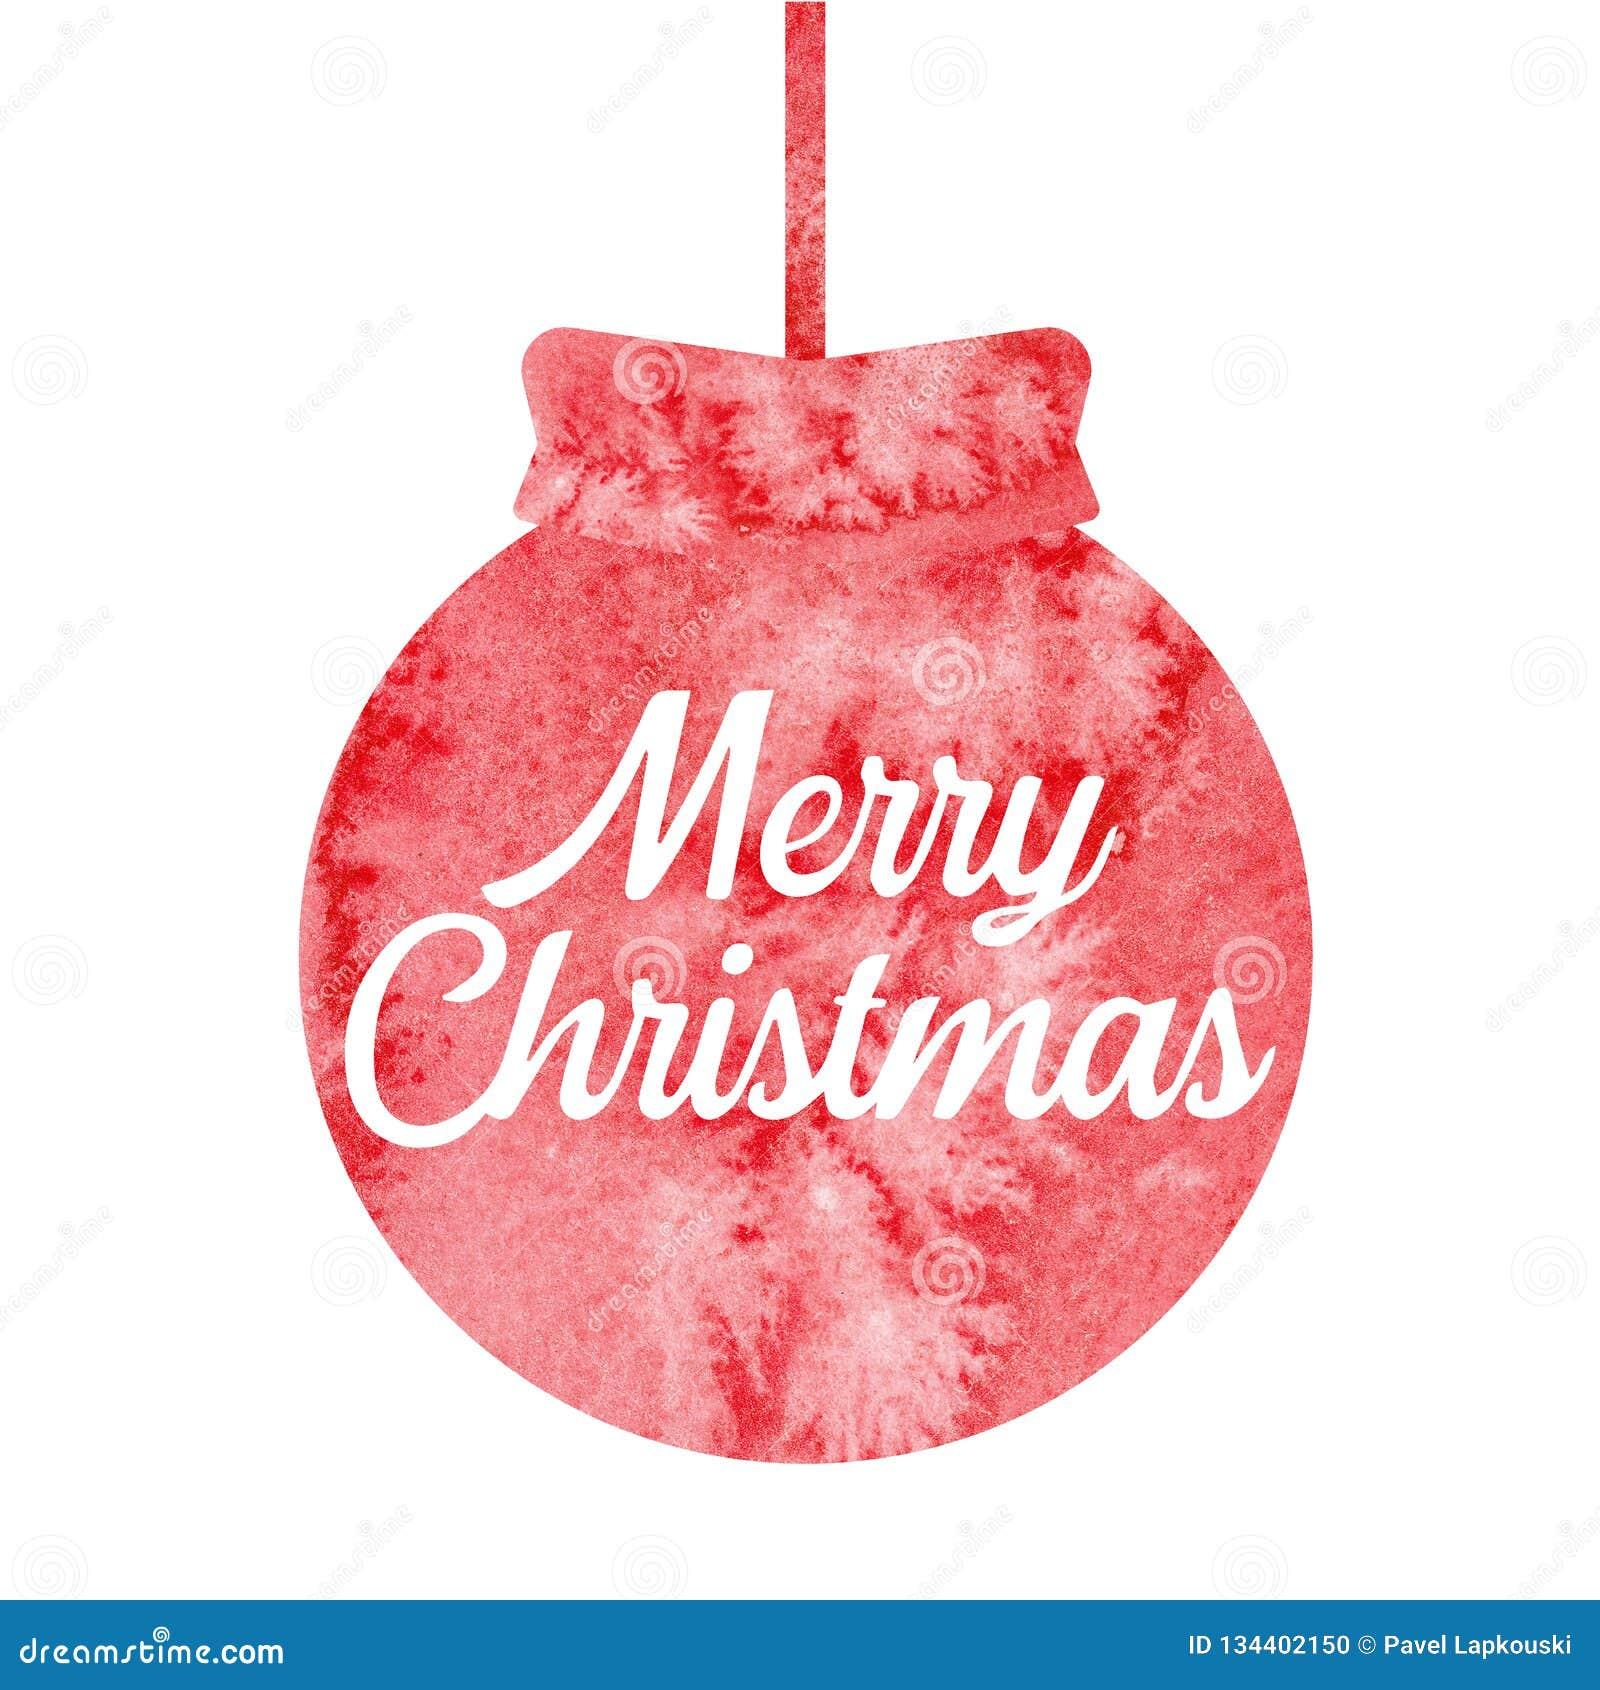 Wesołych Świąt Powitanie kartka bożonarodzeniowa z czerwonymi bożymi narodzeniami balowymi akwarela